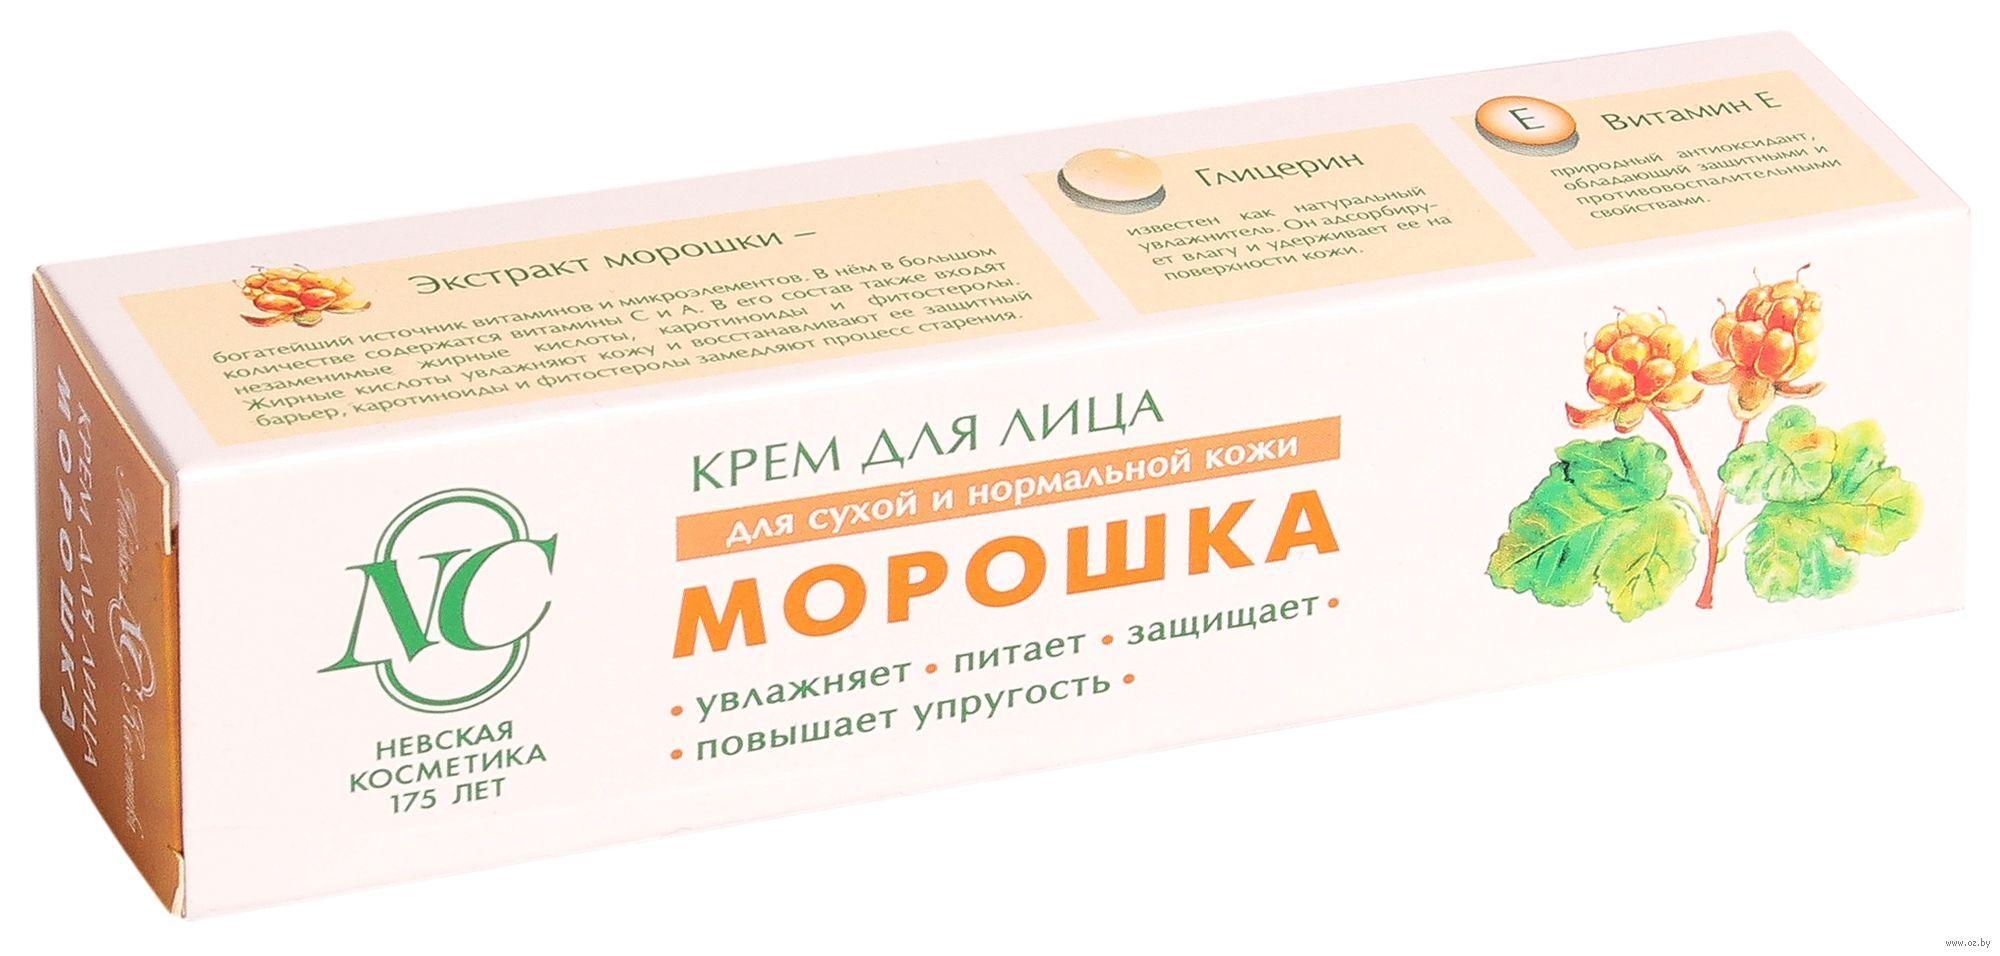 Невская косметика купить рязань косметика матрикс в барнауле купить